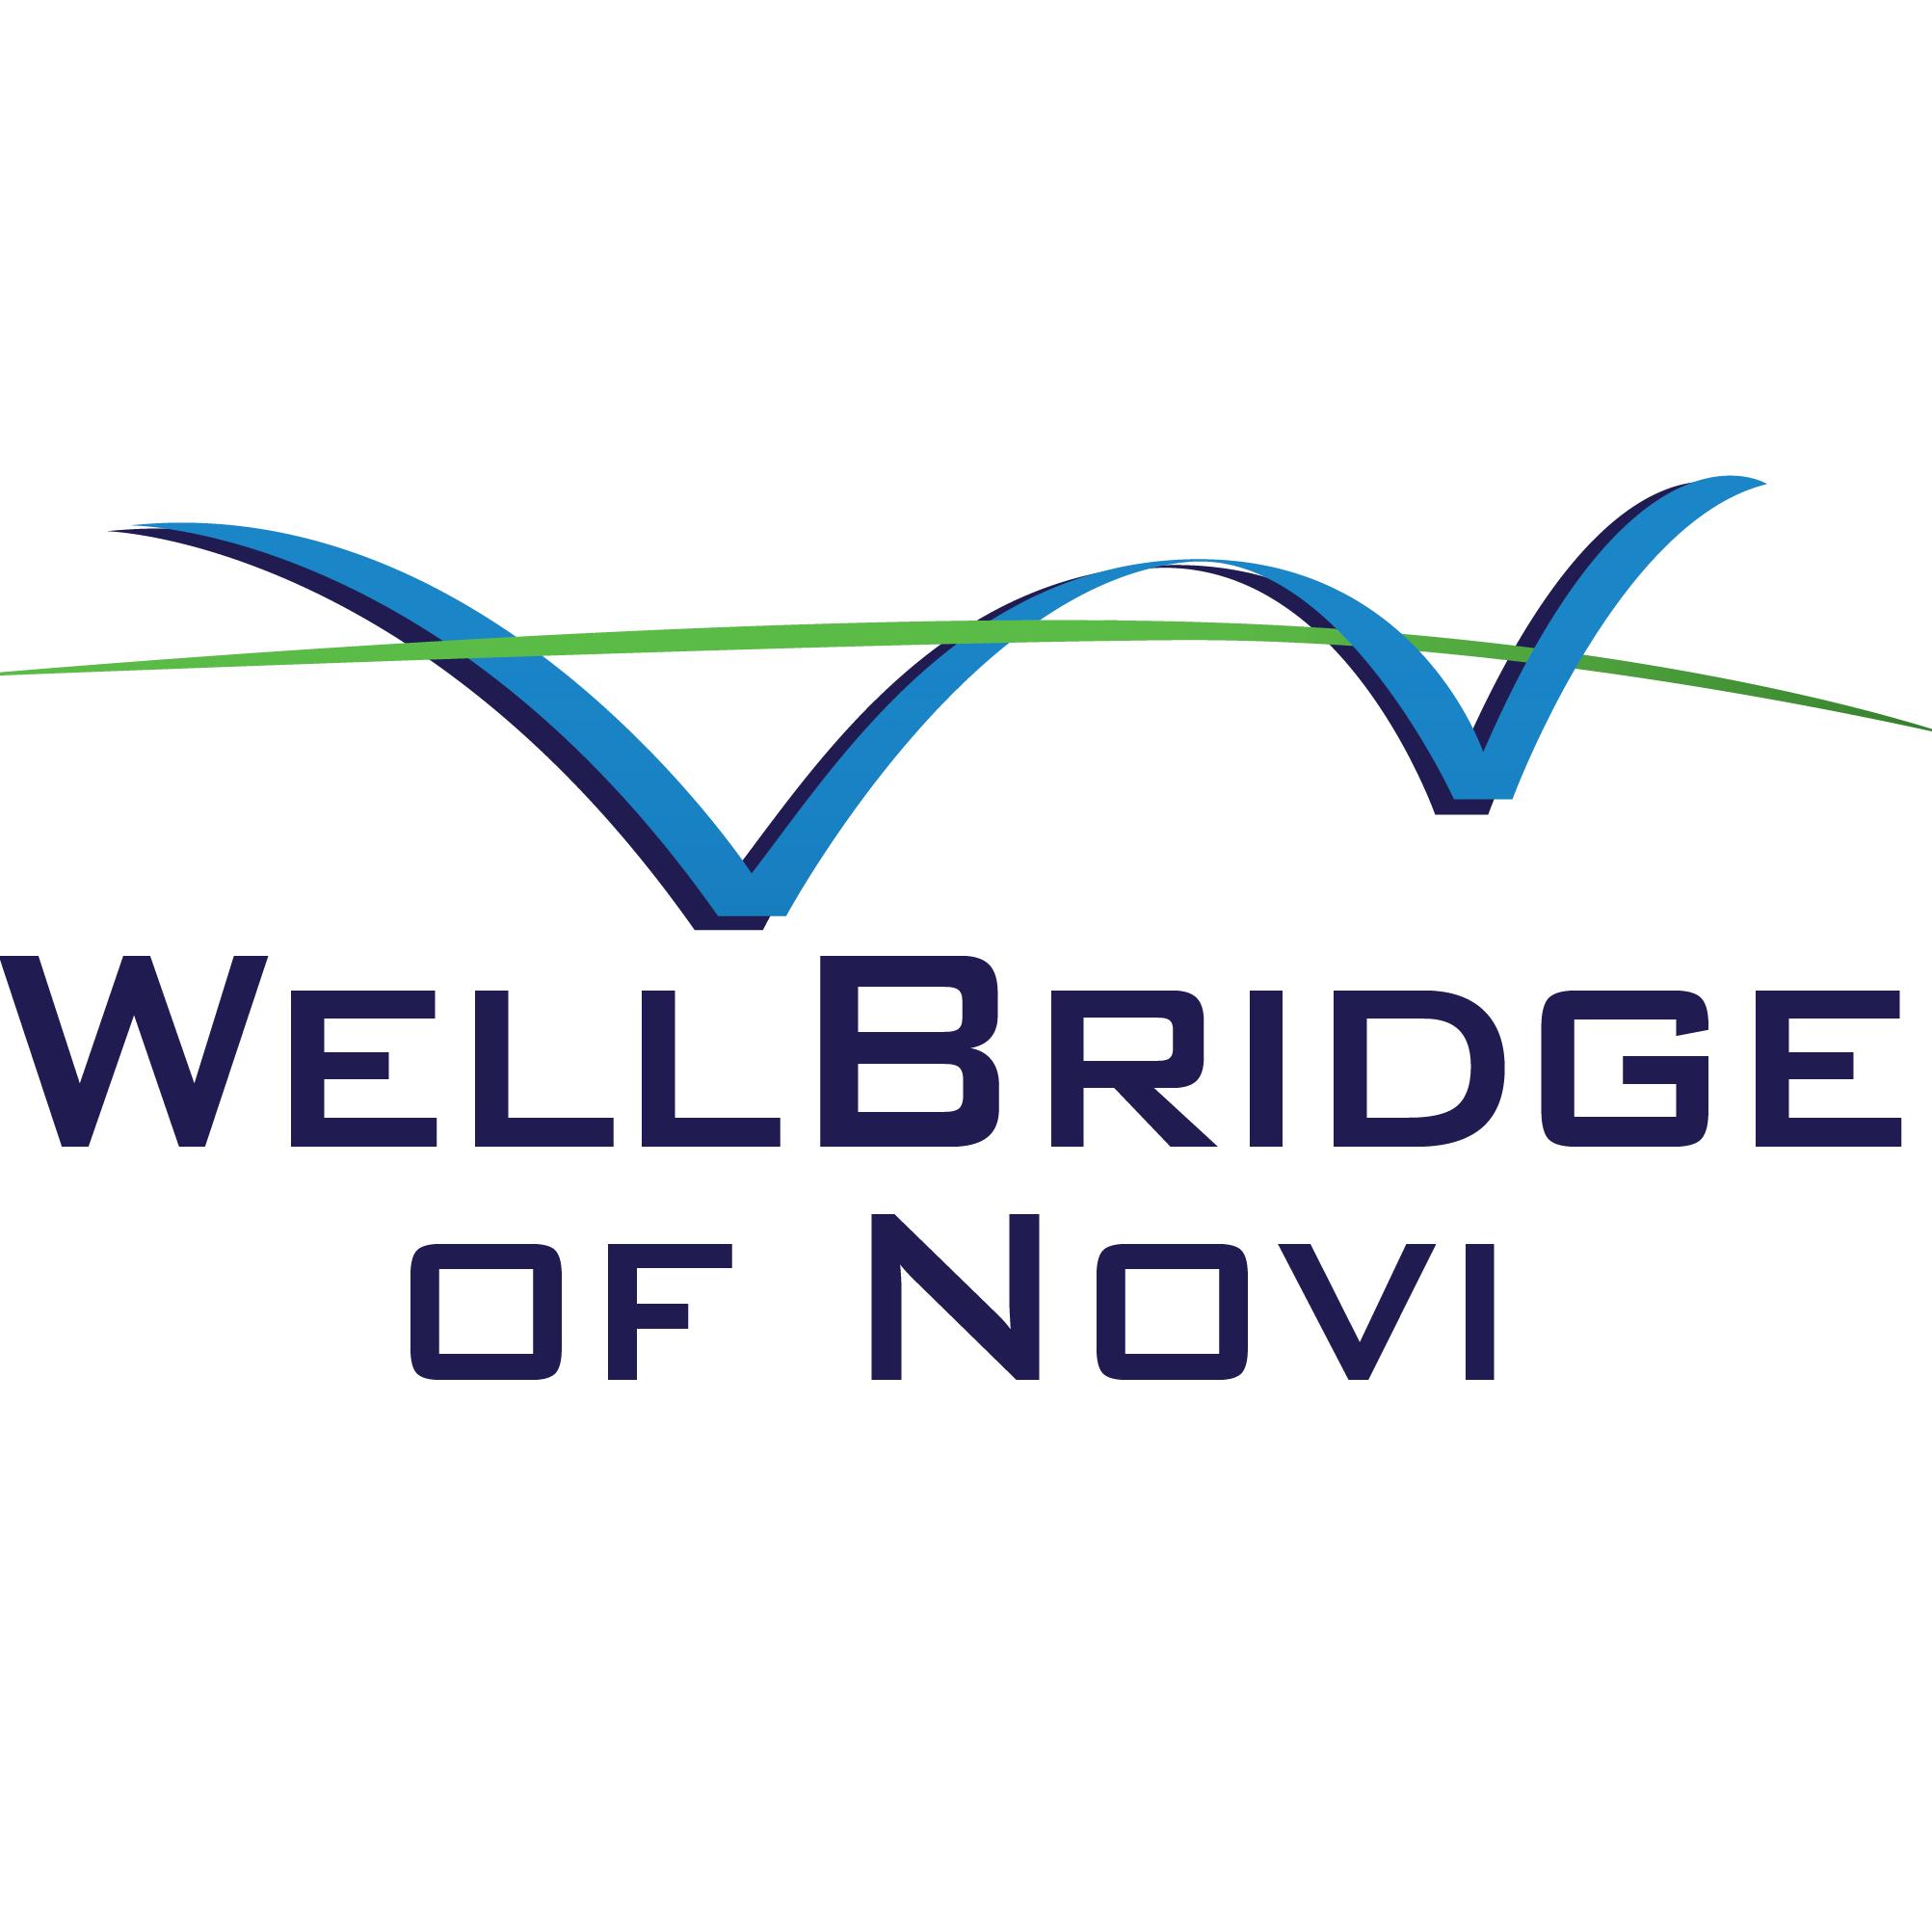 WellBridge of Novi